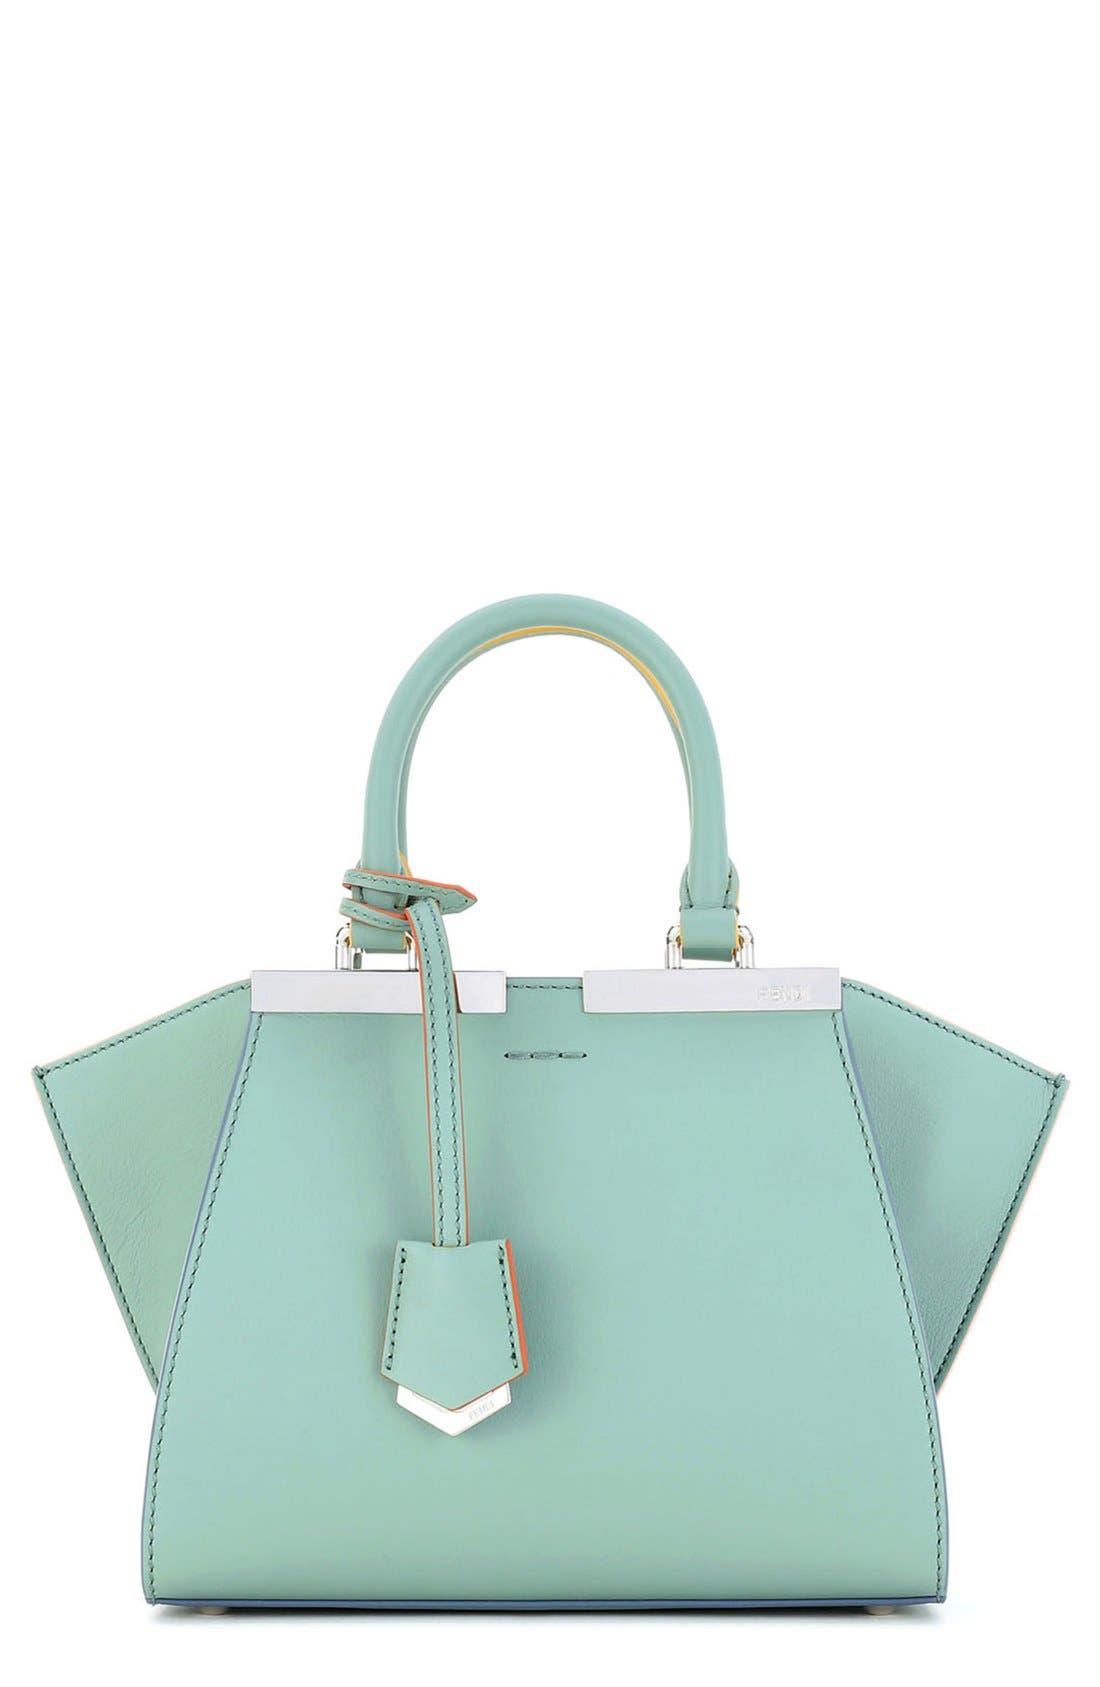 Alternate Image 1 Selected - Fendi 'Mini 3Jours' Calfskin Leather Shopper